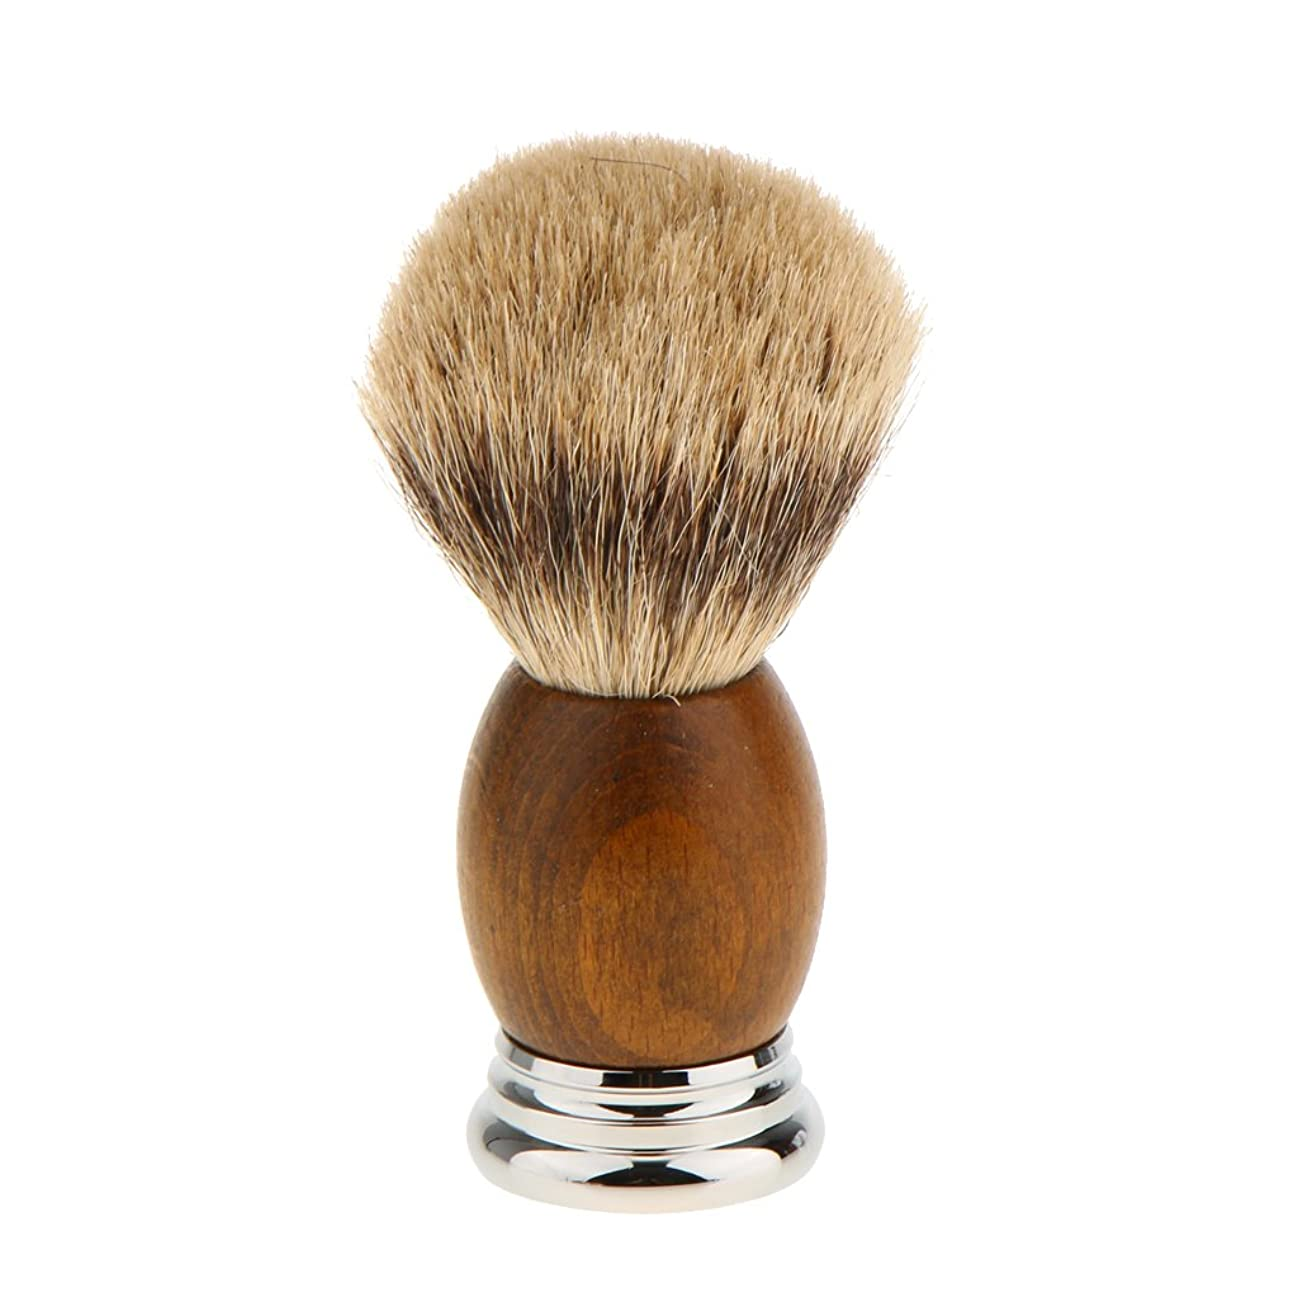 分離サロン怠惰Lovoski 紳士 高密度 シェービングブラシ レトロ 木製ハンドル 髭剃り 泡立ち 洗顔ブラシ 父の日